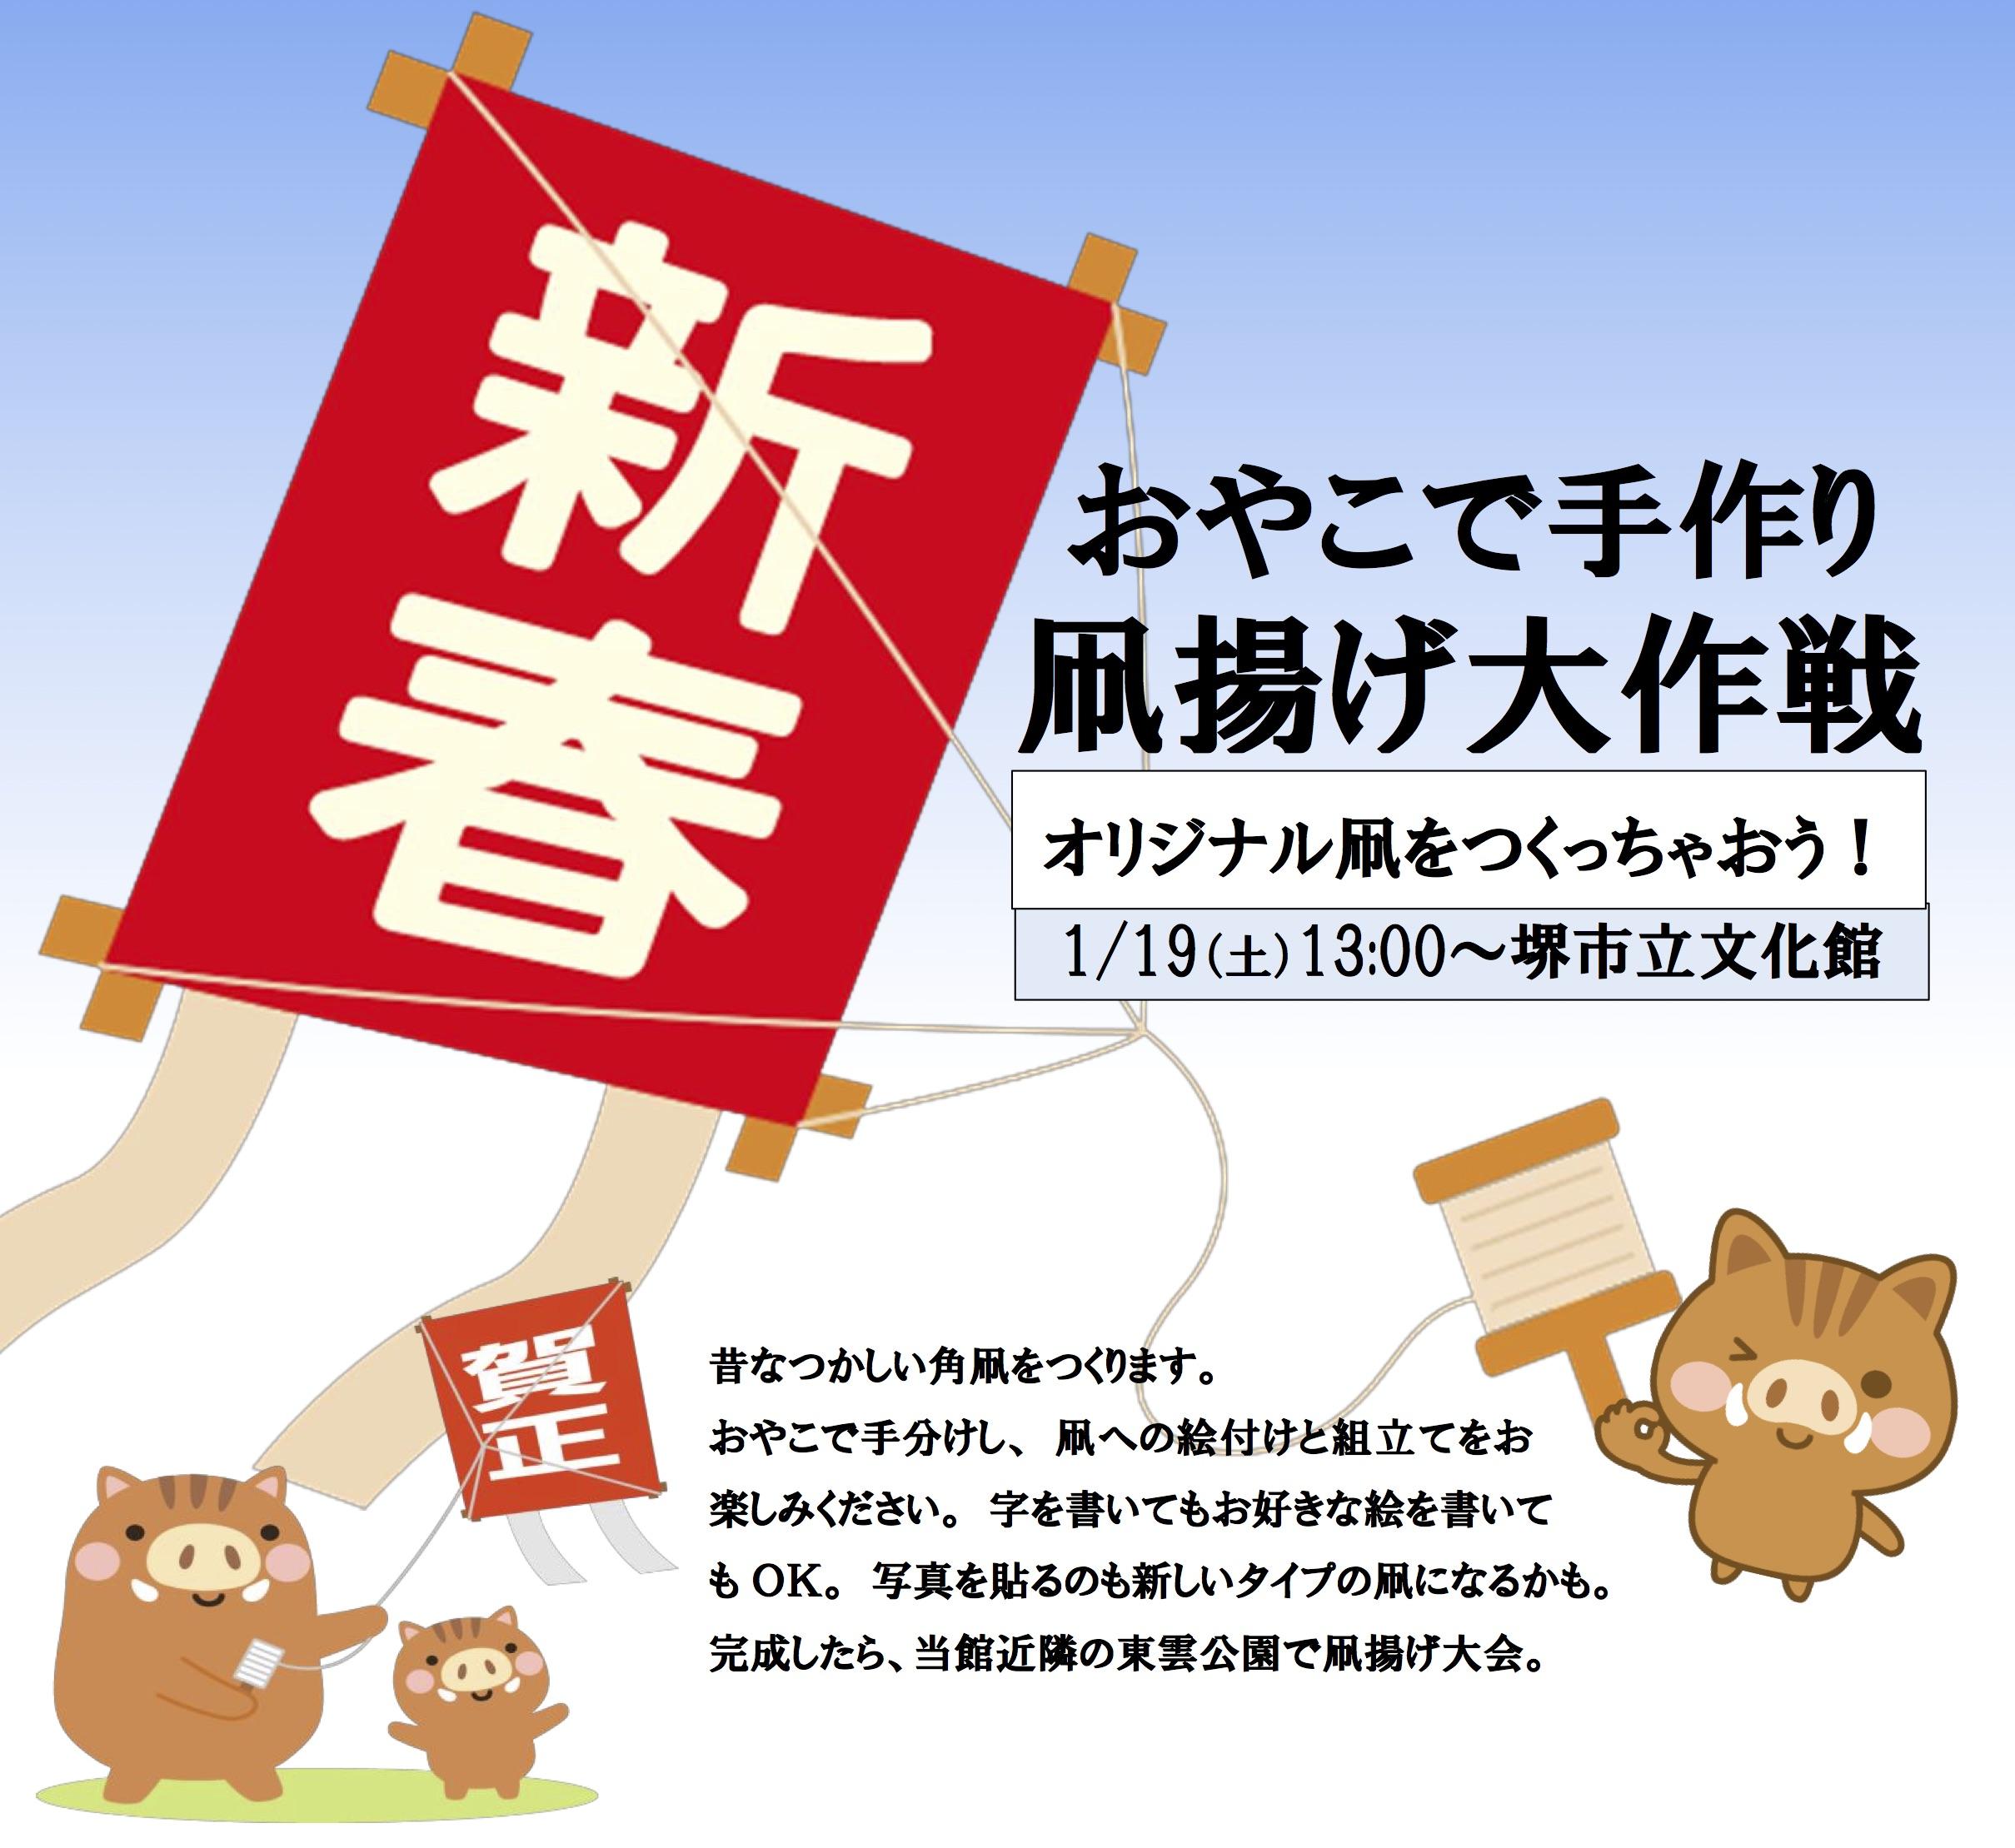 堺市立文化館 おやこで手作り「凧揚げ大作戦」